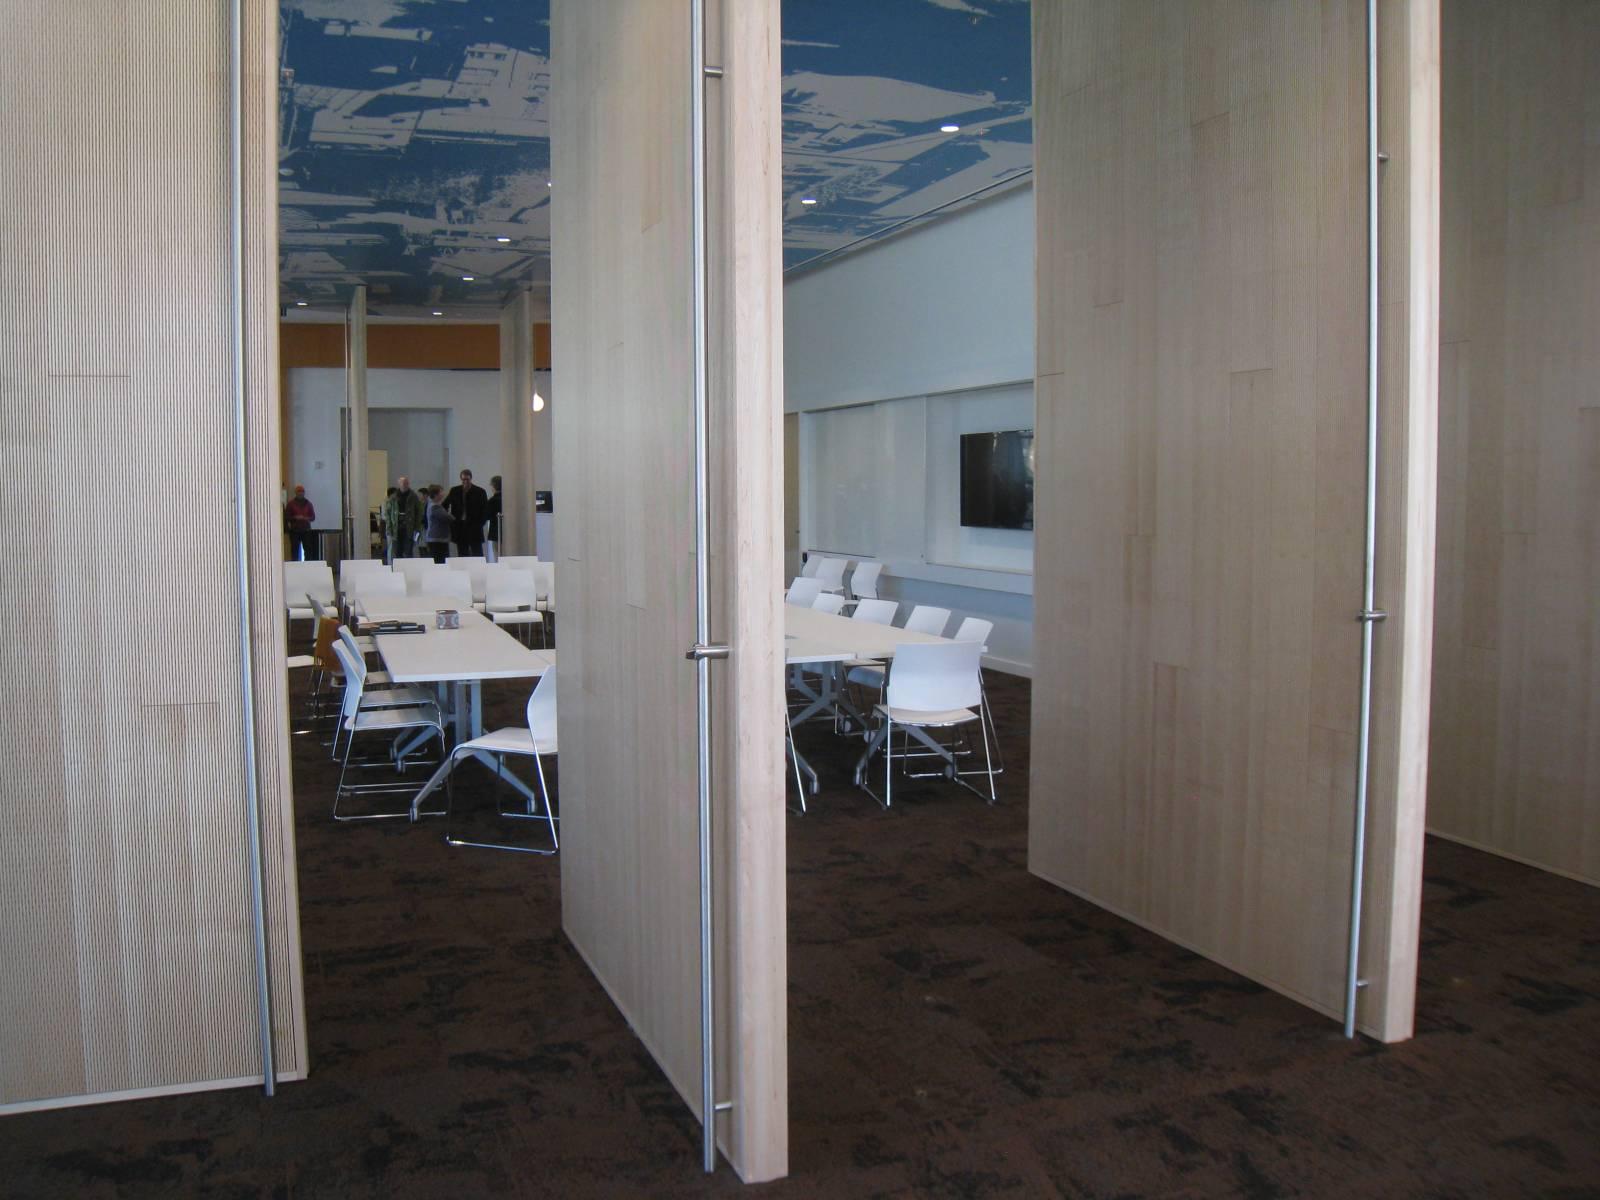 Community Room Doors